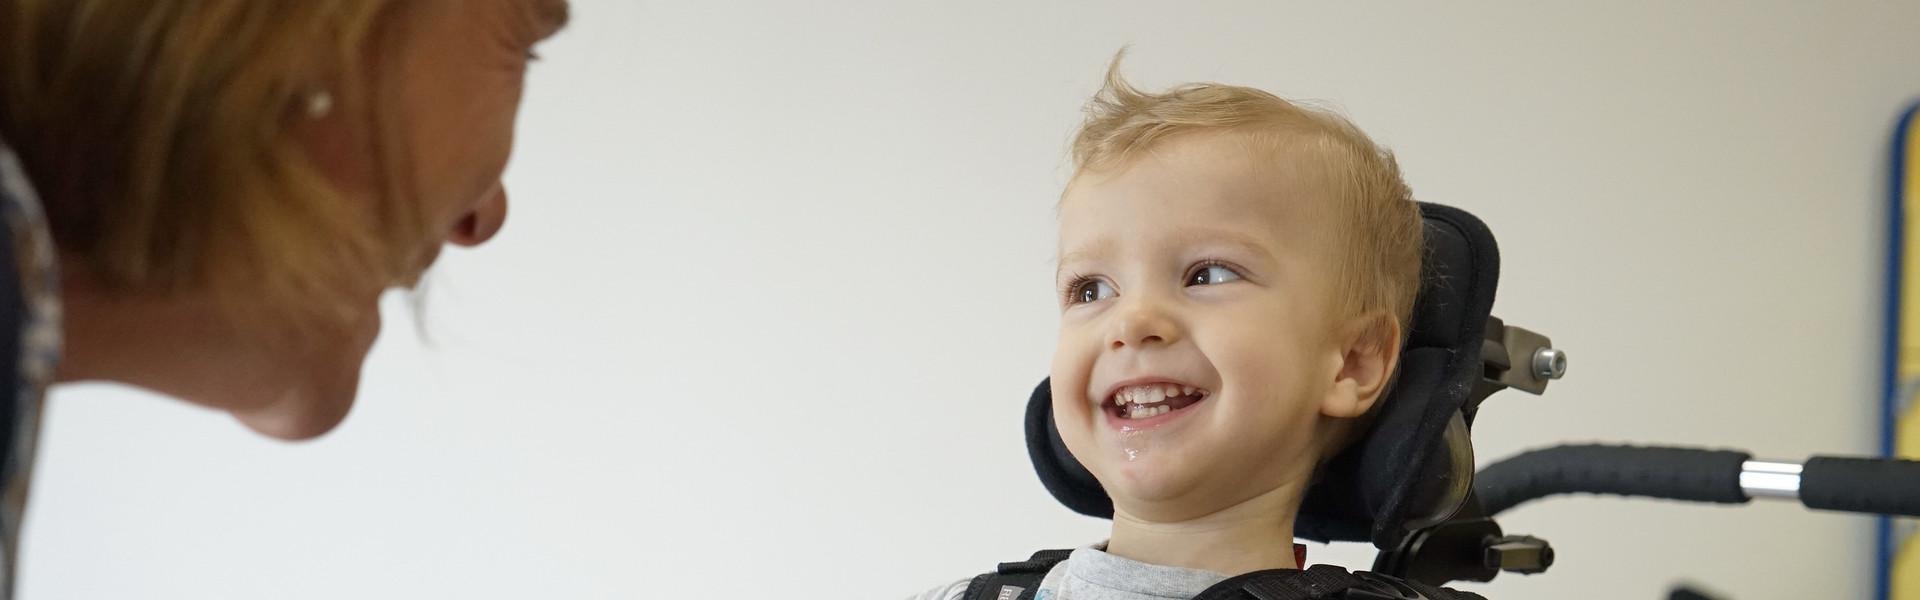 Riccardo, piccolo bimbo seguito al Centro di Osimo, è entusiasta dell'attività che sta facendo con la sua educatrice: un grande vassoio di biglie con cui giocare